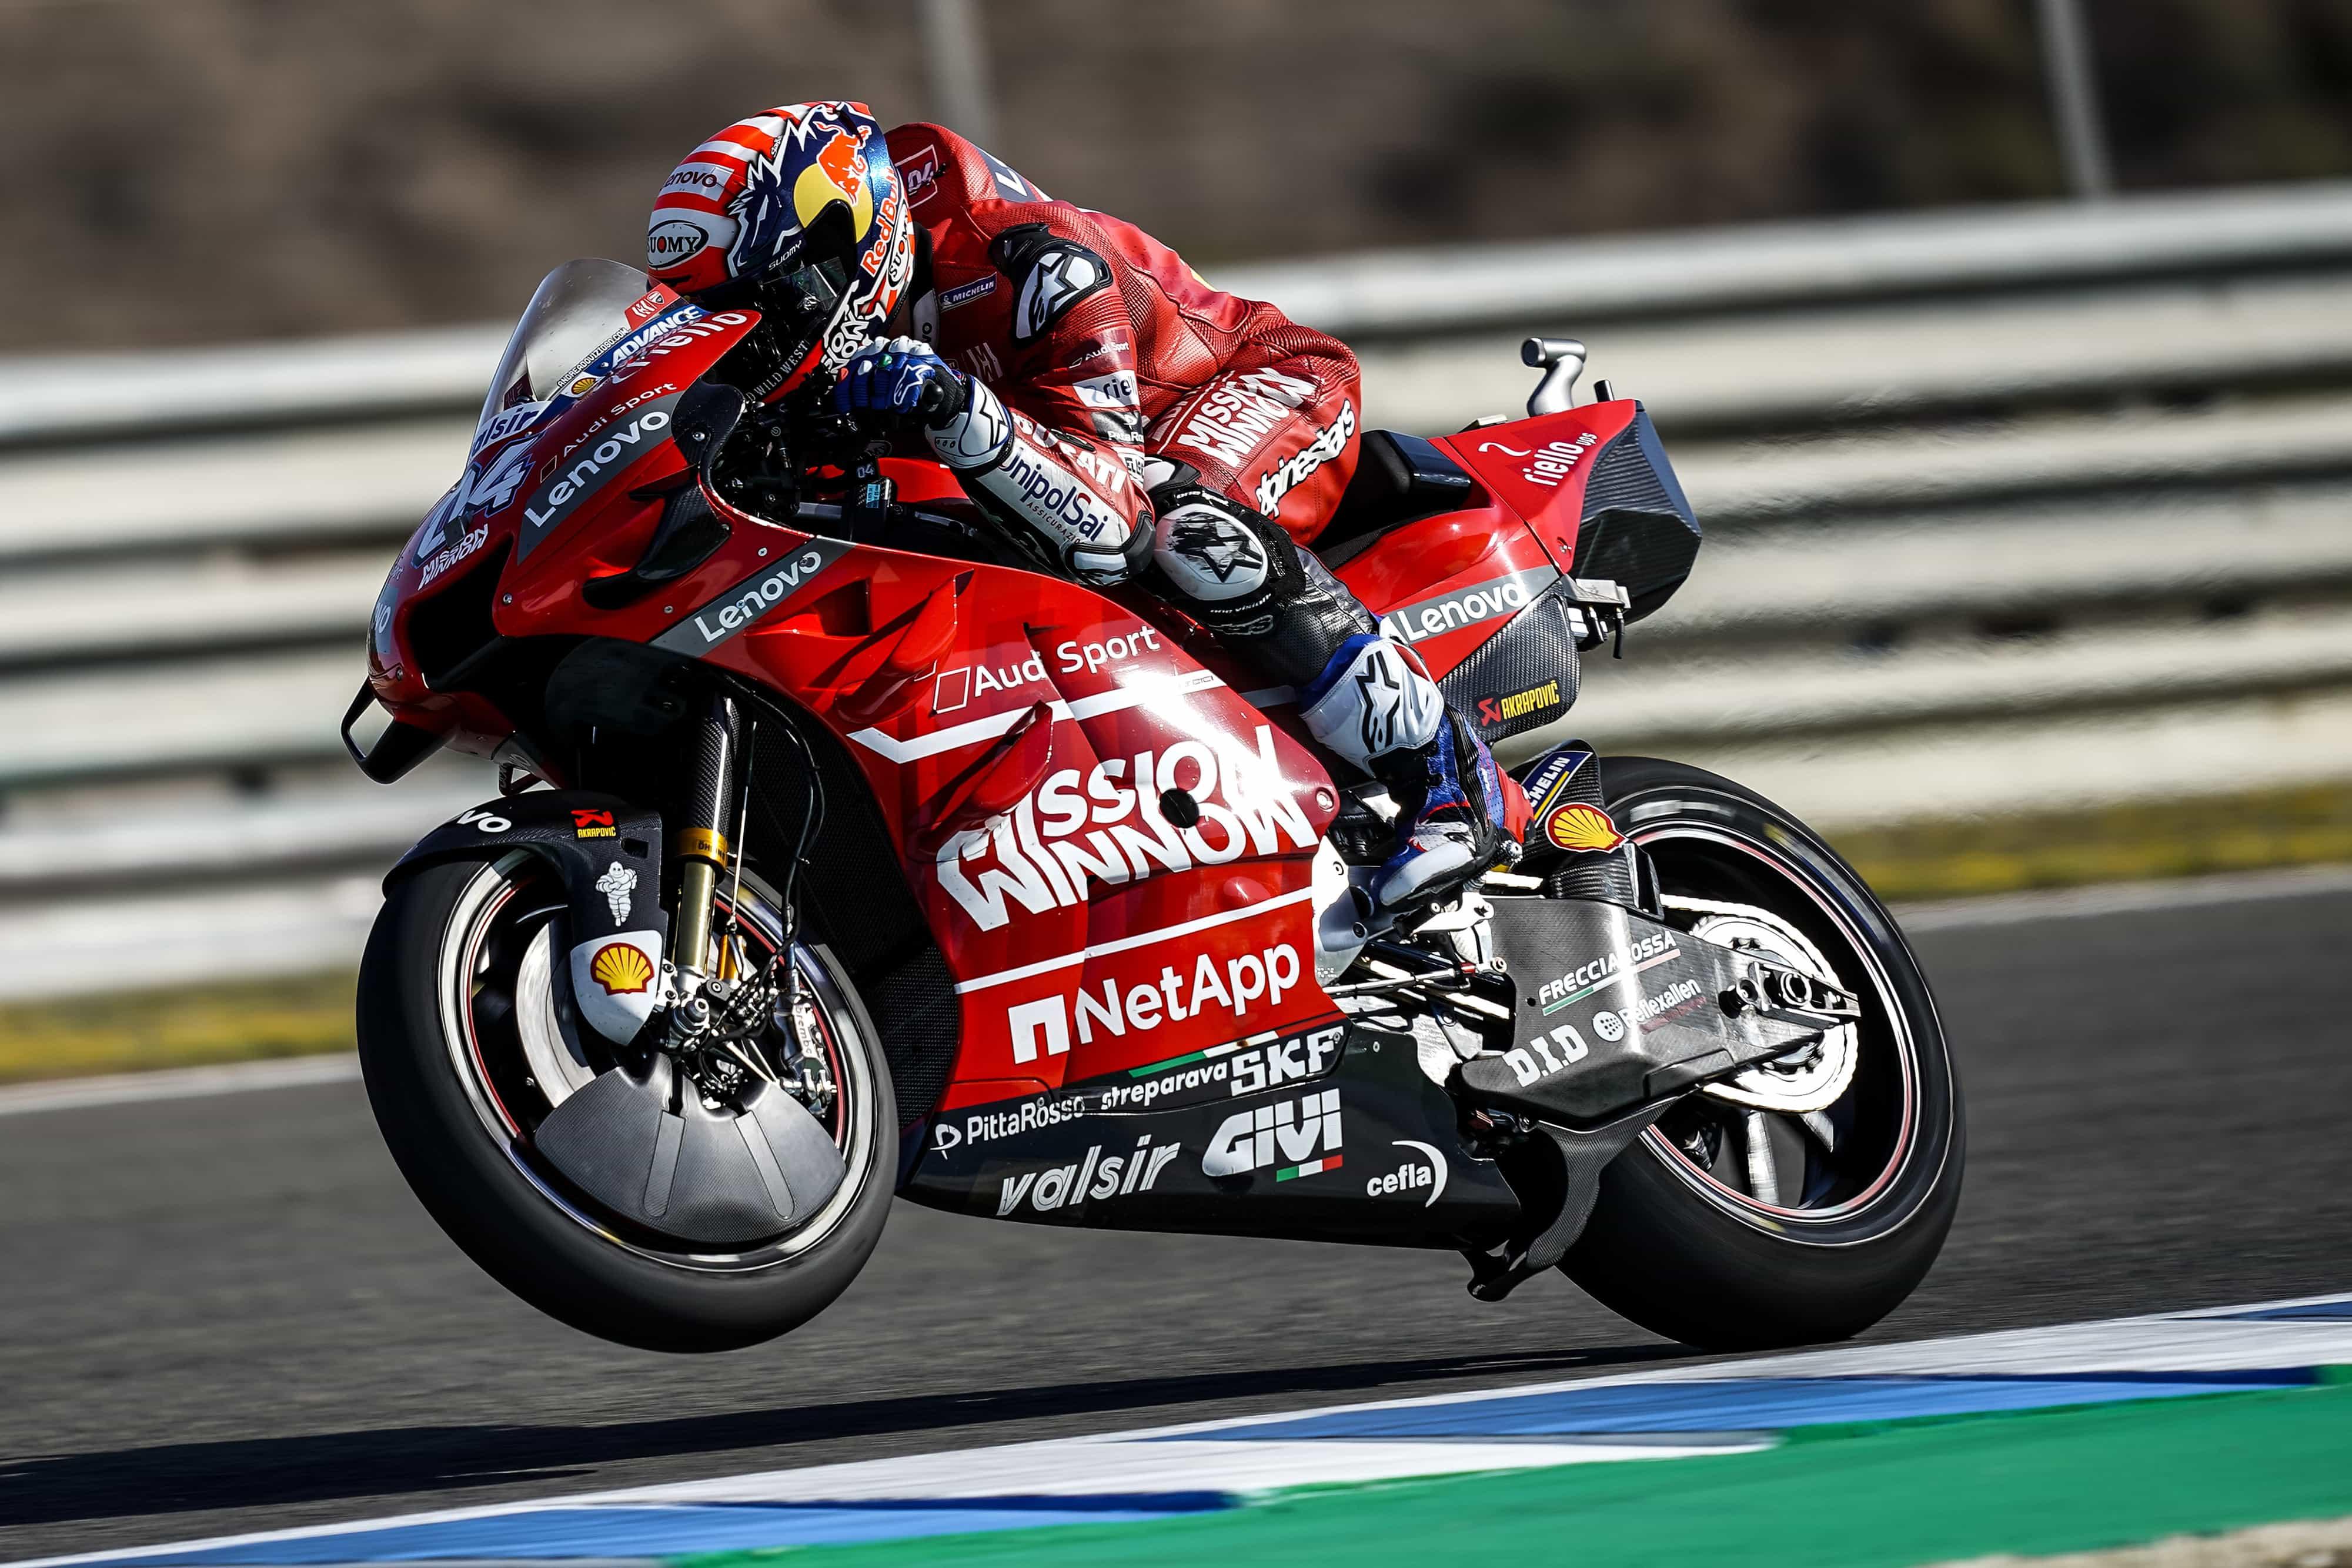 MotoGP2019ヘレスGP FP2 2位ドヴィツィオーゾ「今の順位は実際の状況を表していると言えない」